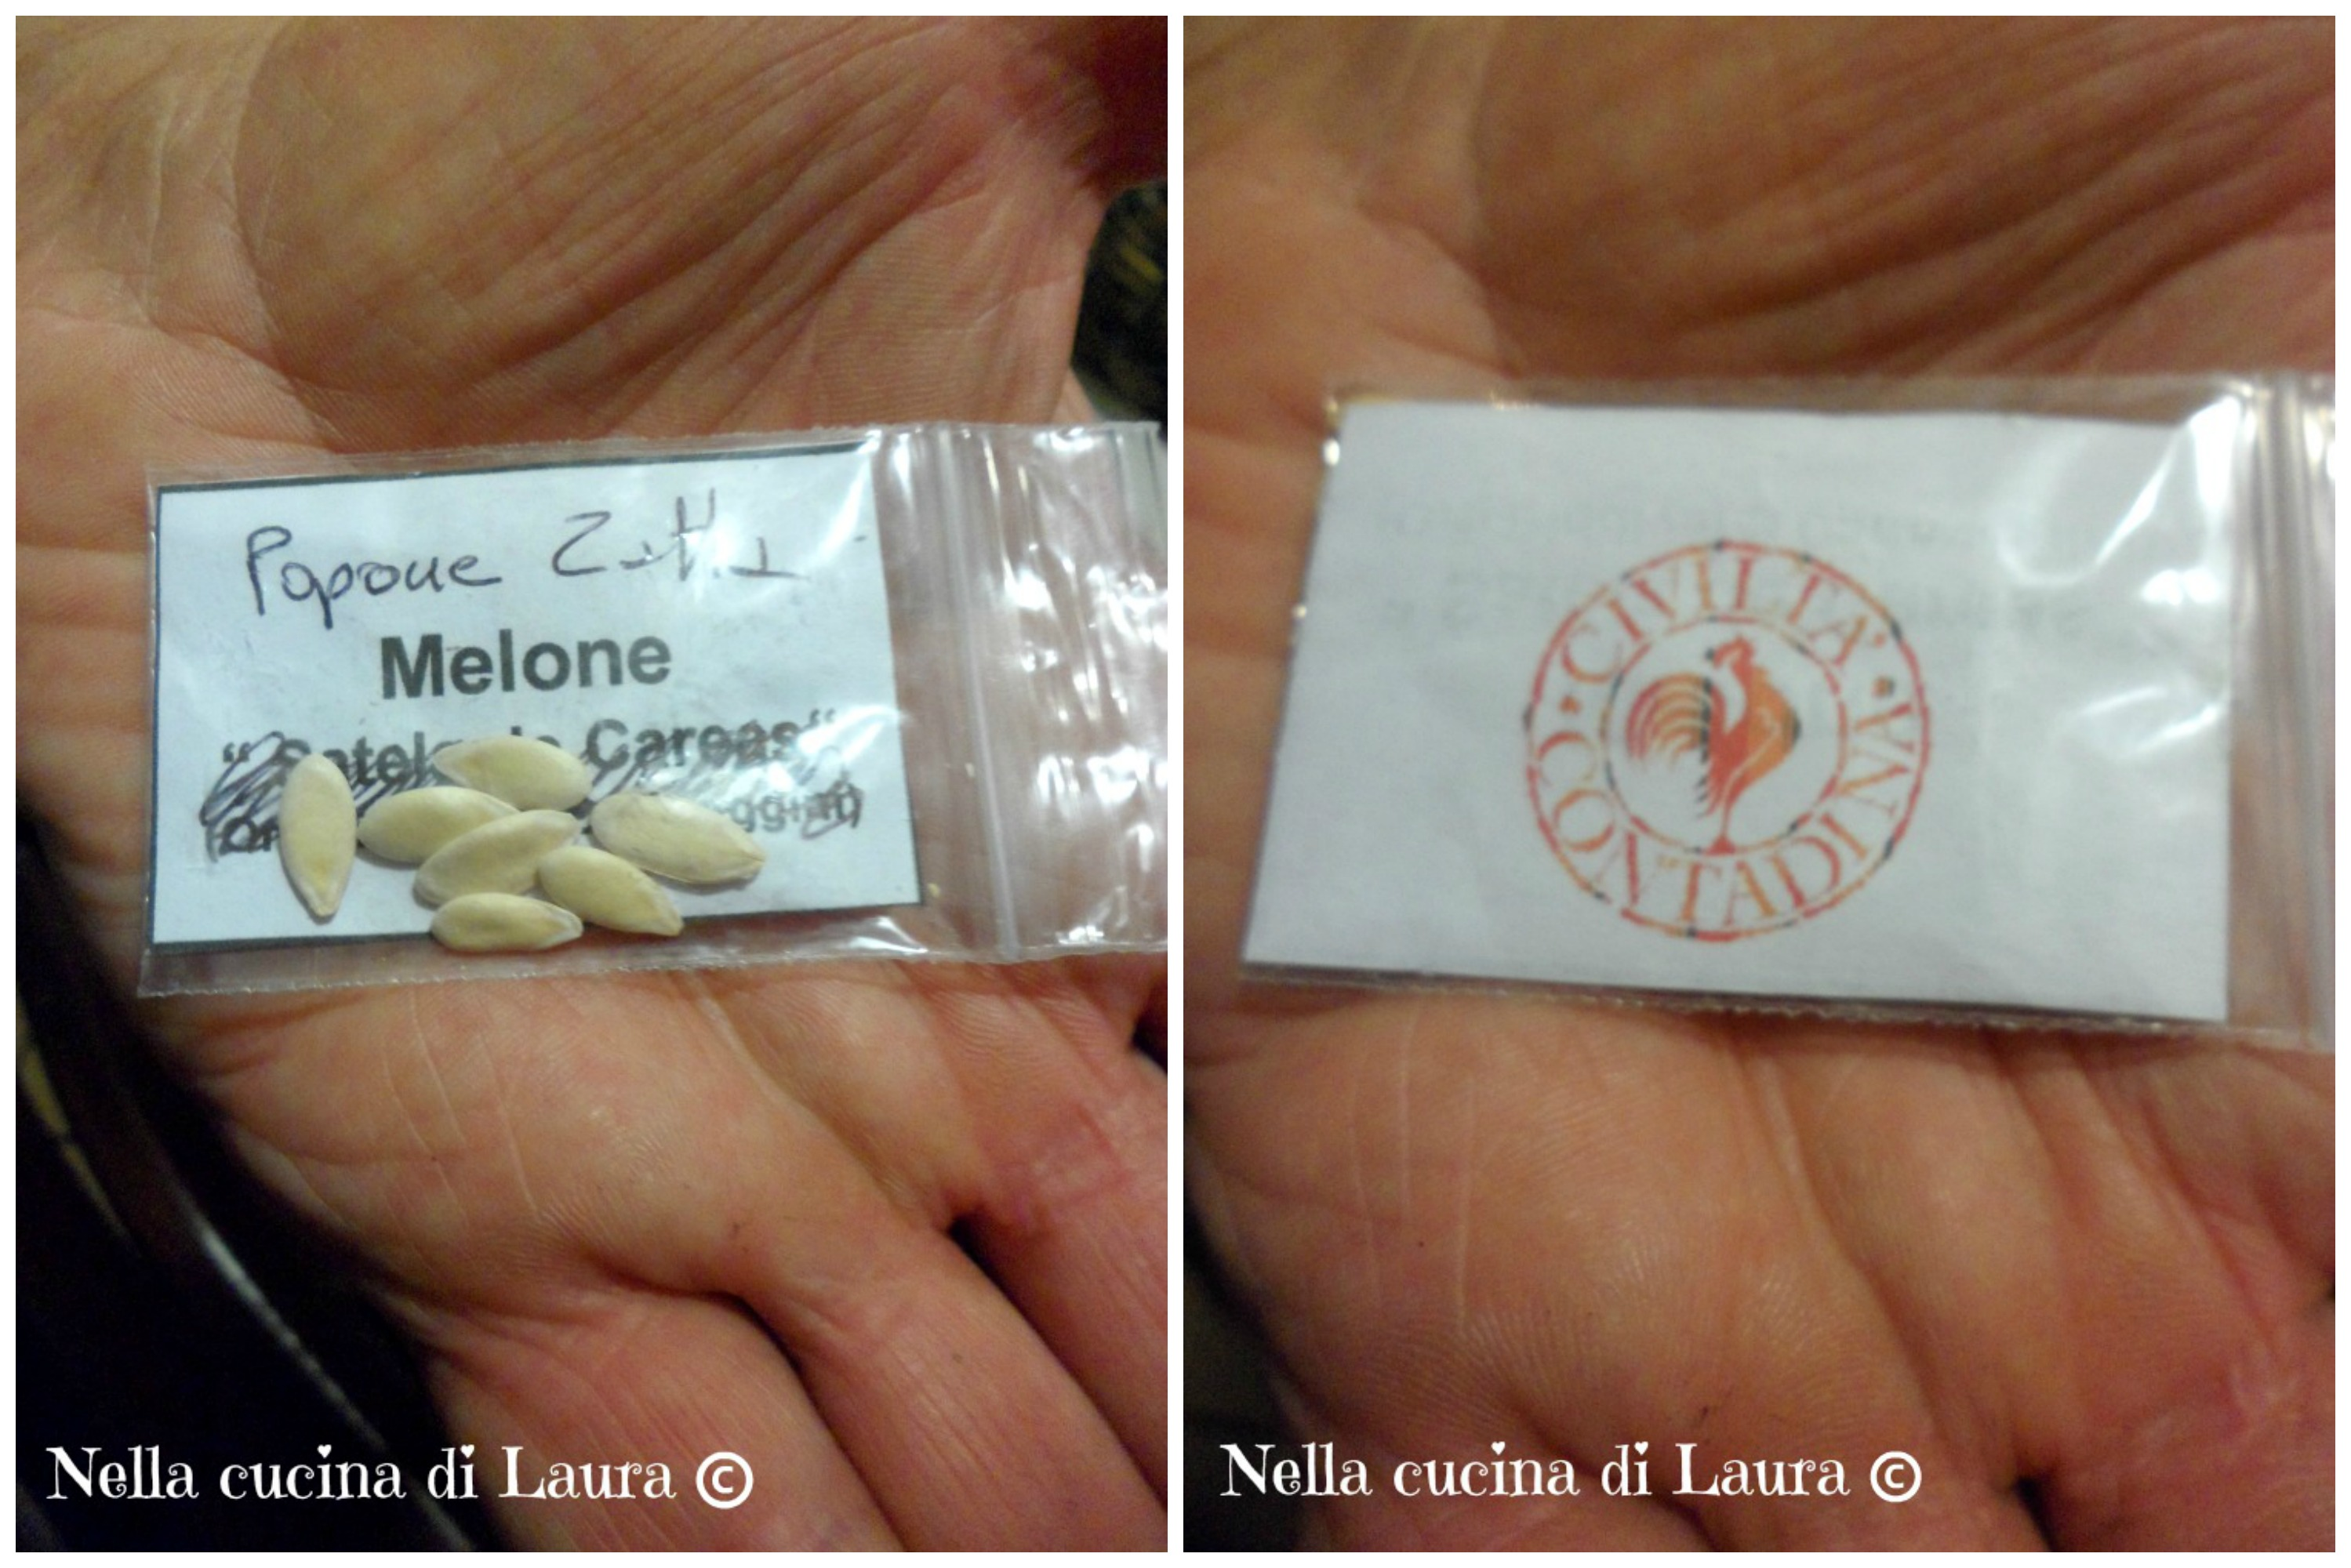 melone zatta - nella cucina di laura